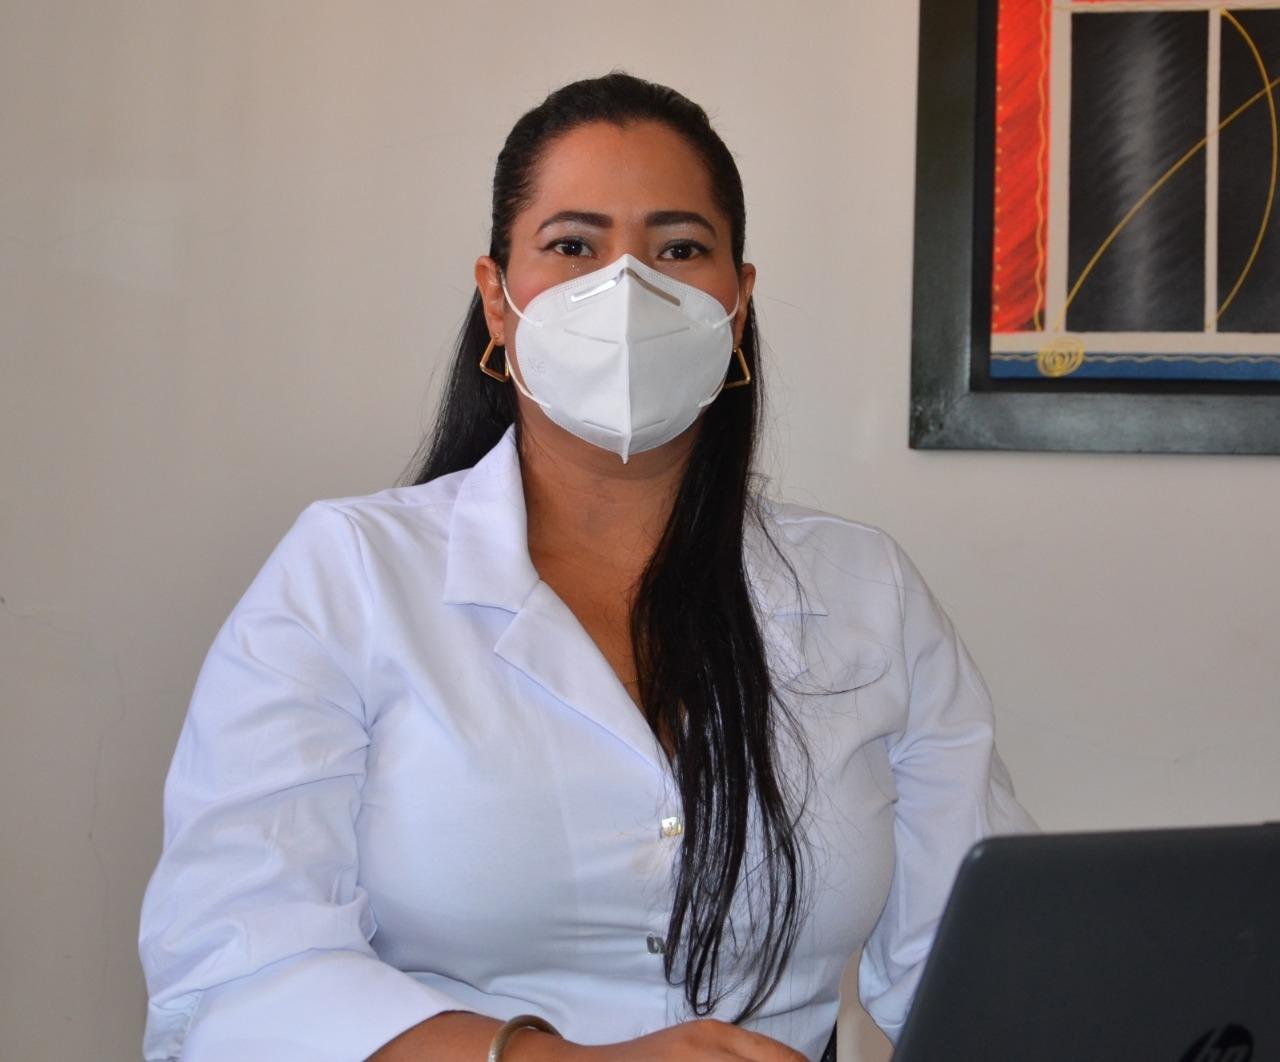 https://www.notasrosas.com/Secretaría de Salud de La Guajira promueve la lactancia materna, en el marco de la pandemia por covid-19